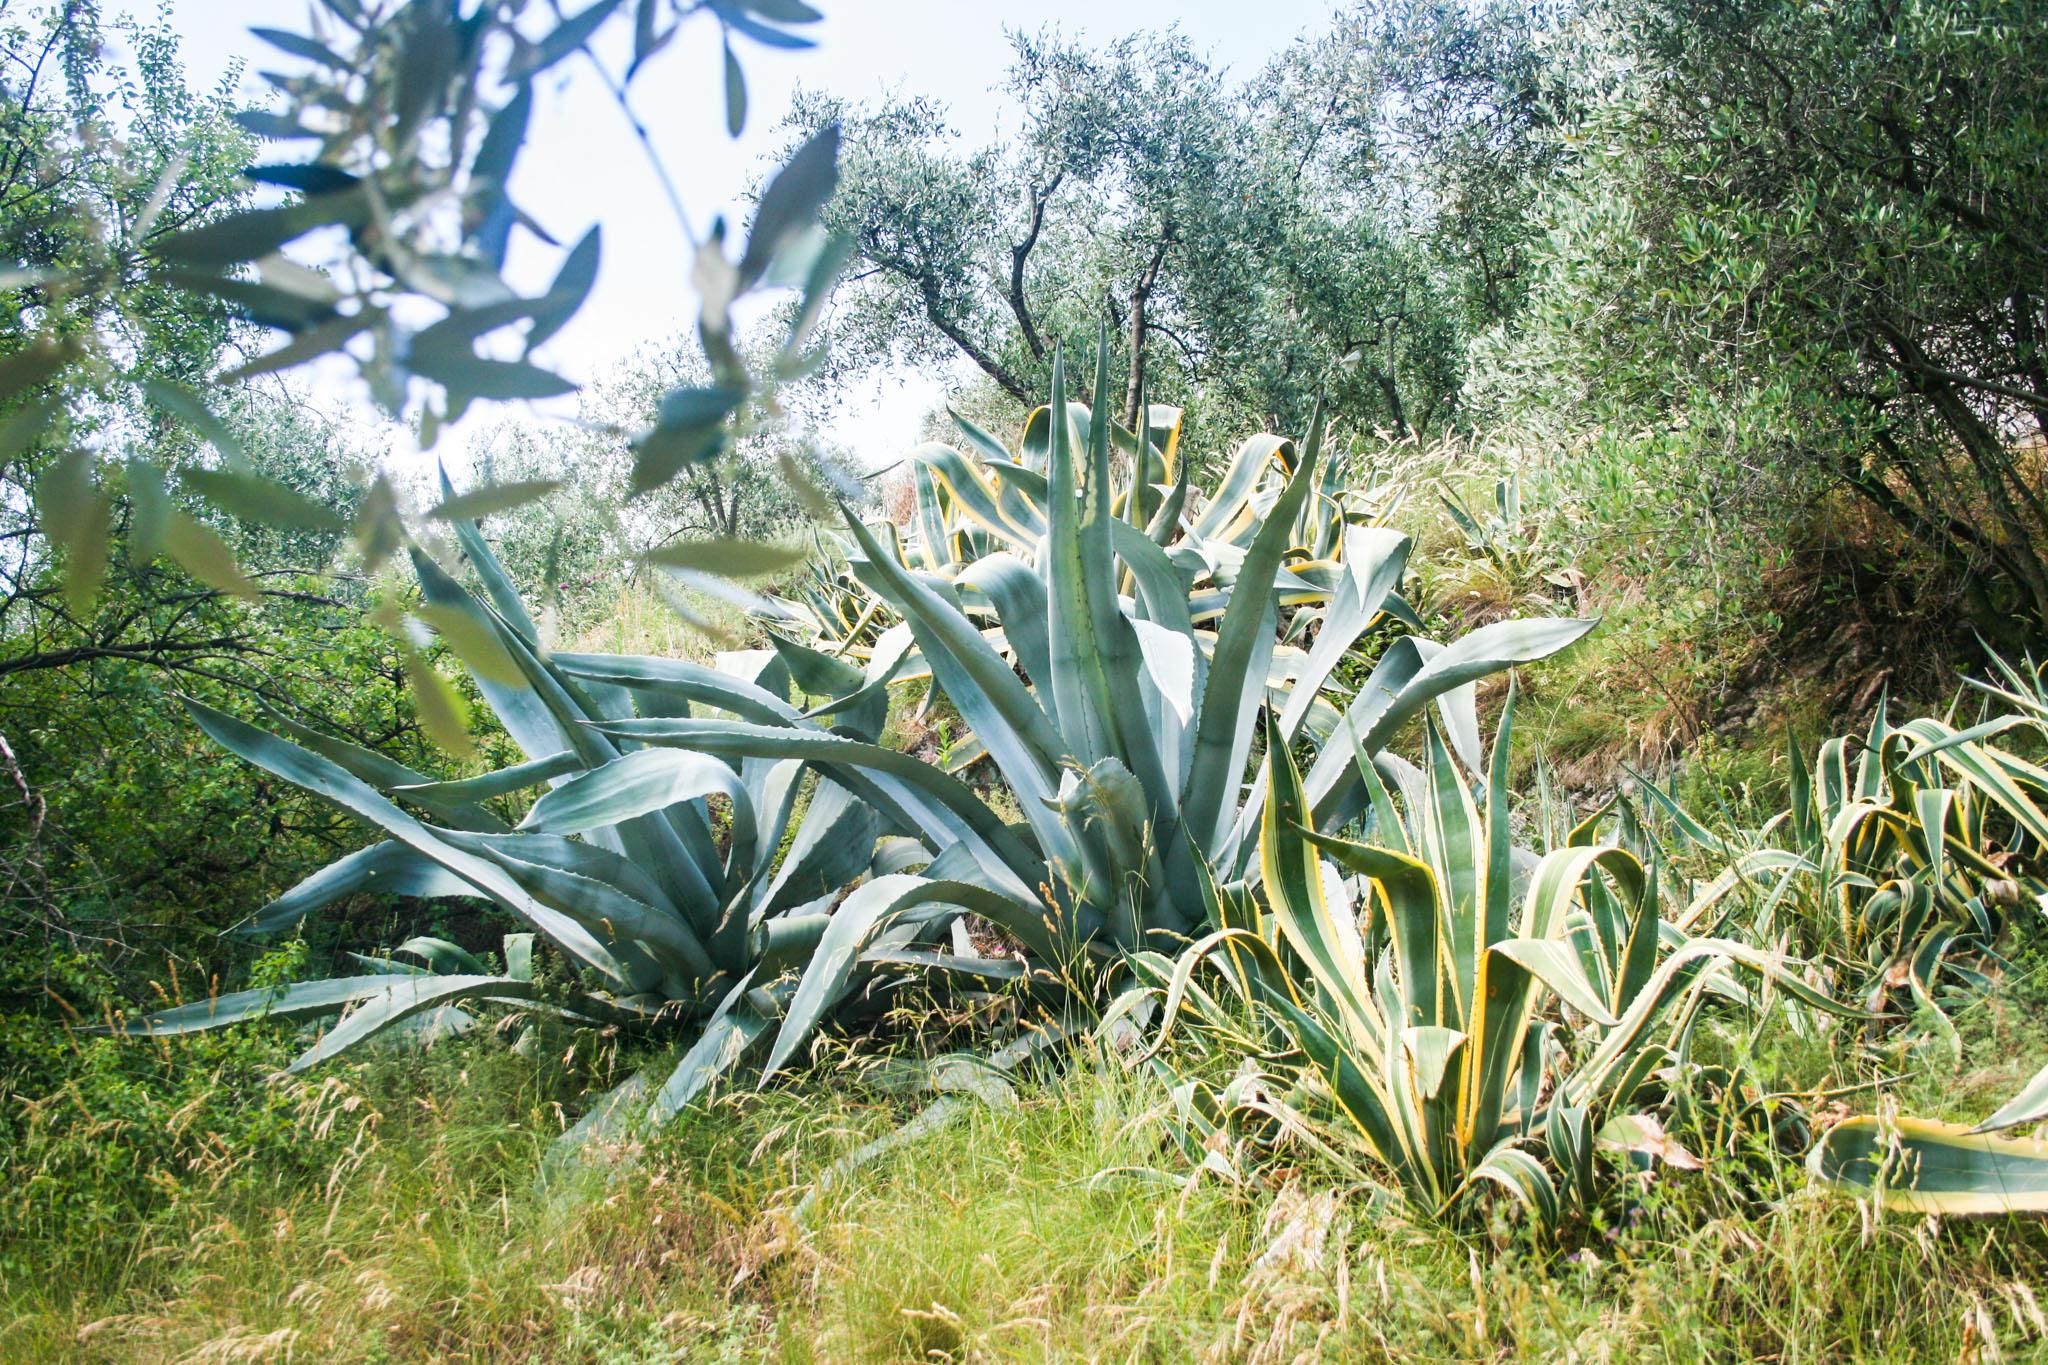 Riesenpflanzen und Aussichtsbank auf dem Weg hinauf